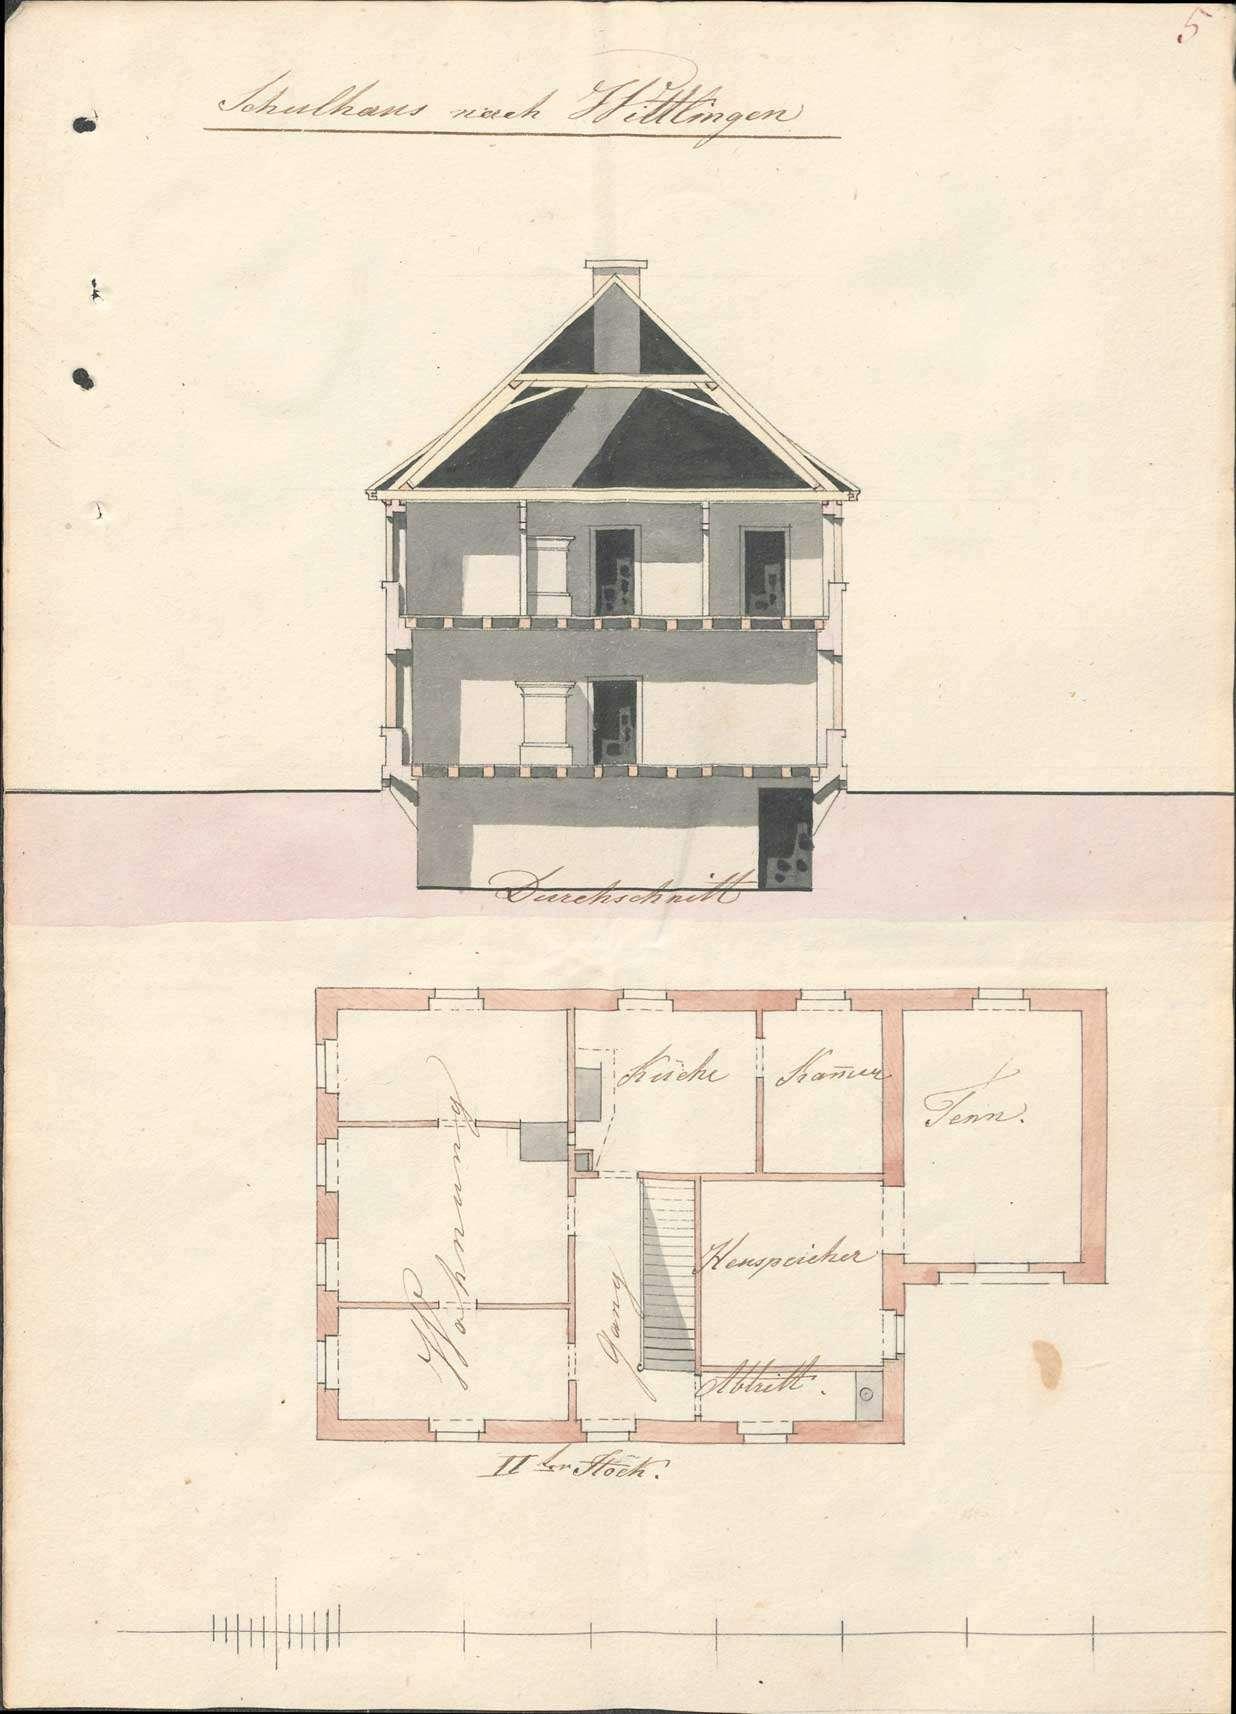 Erbauung eines neuen Schulhauses in Wittlingen und dessen Unterhaltung, Bild 2